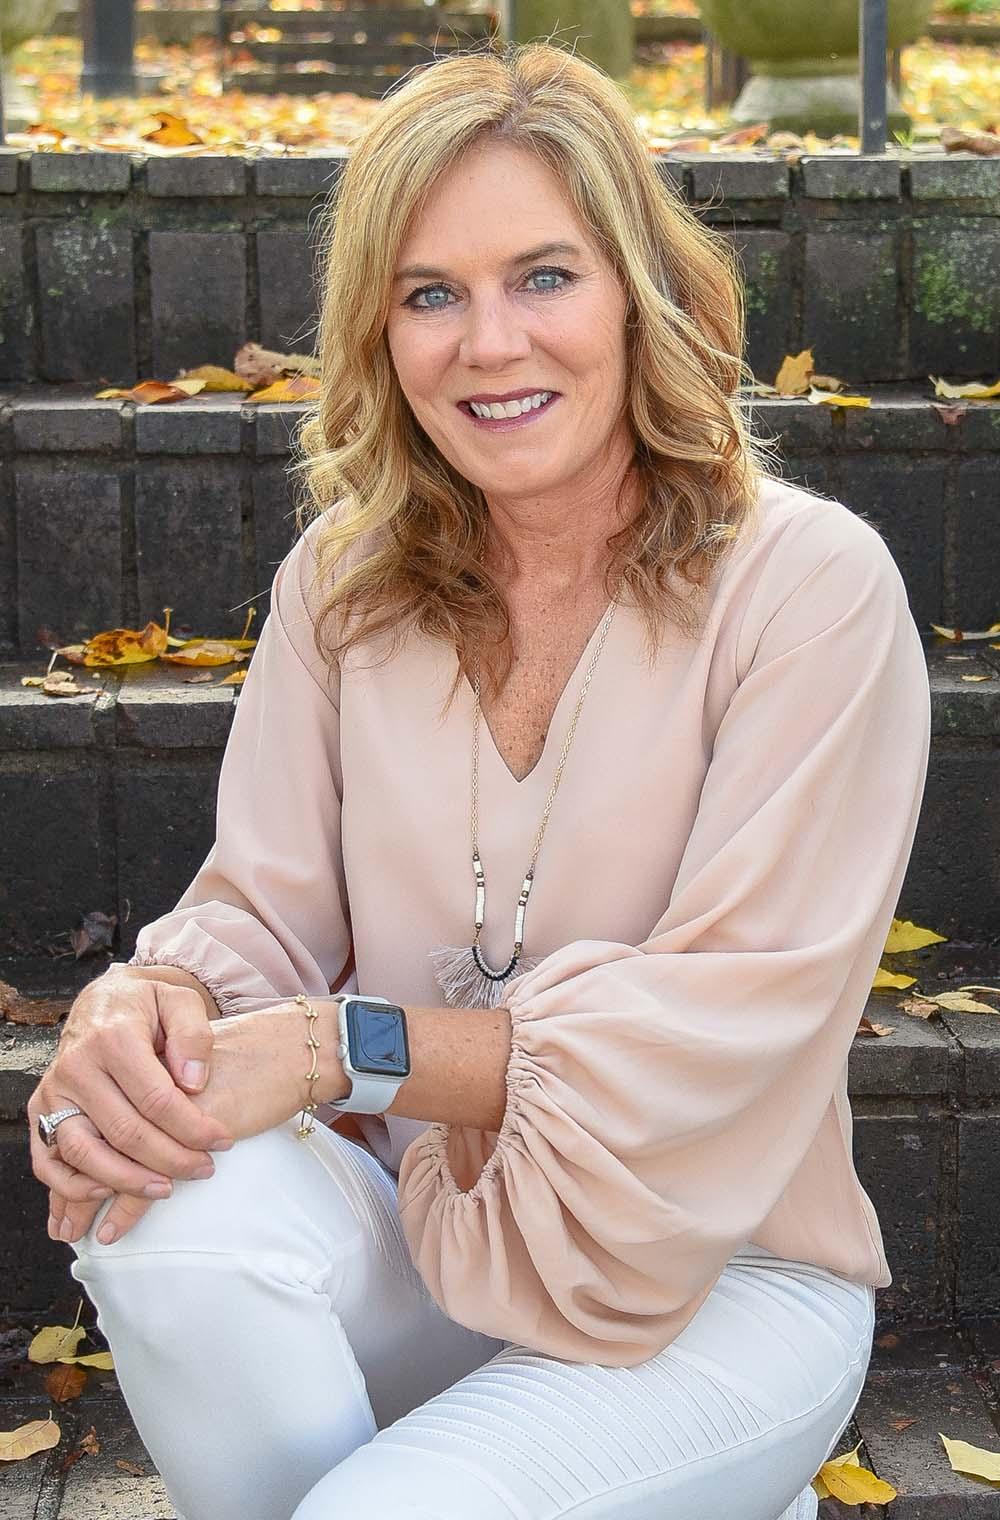 Julie Feagan